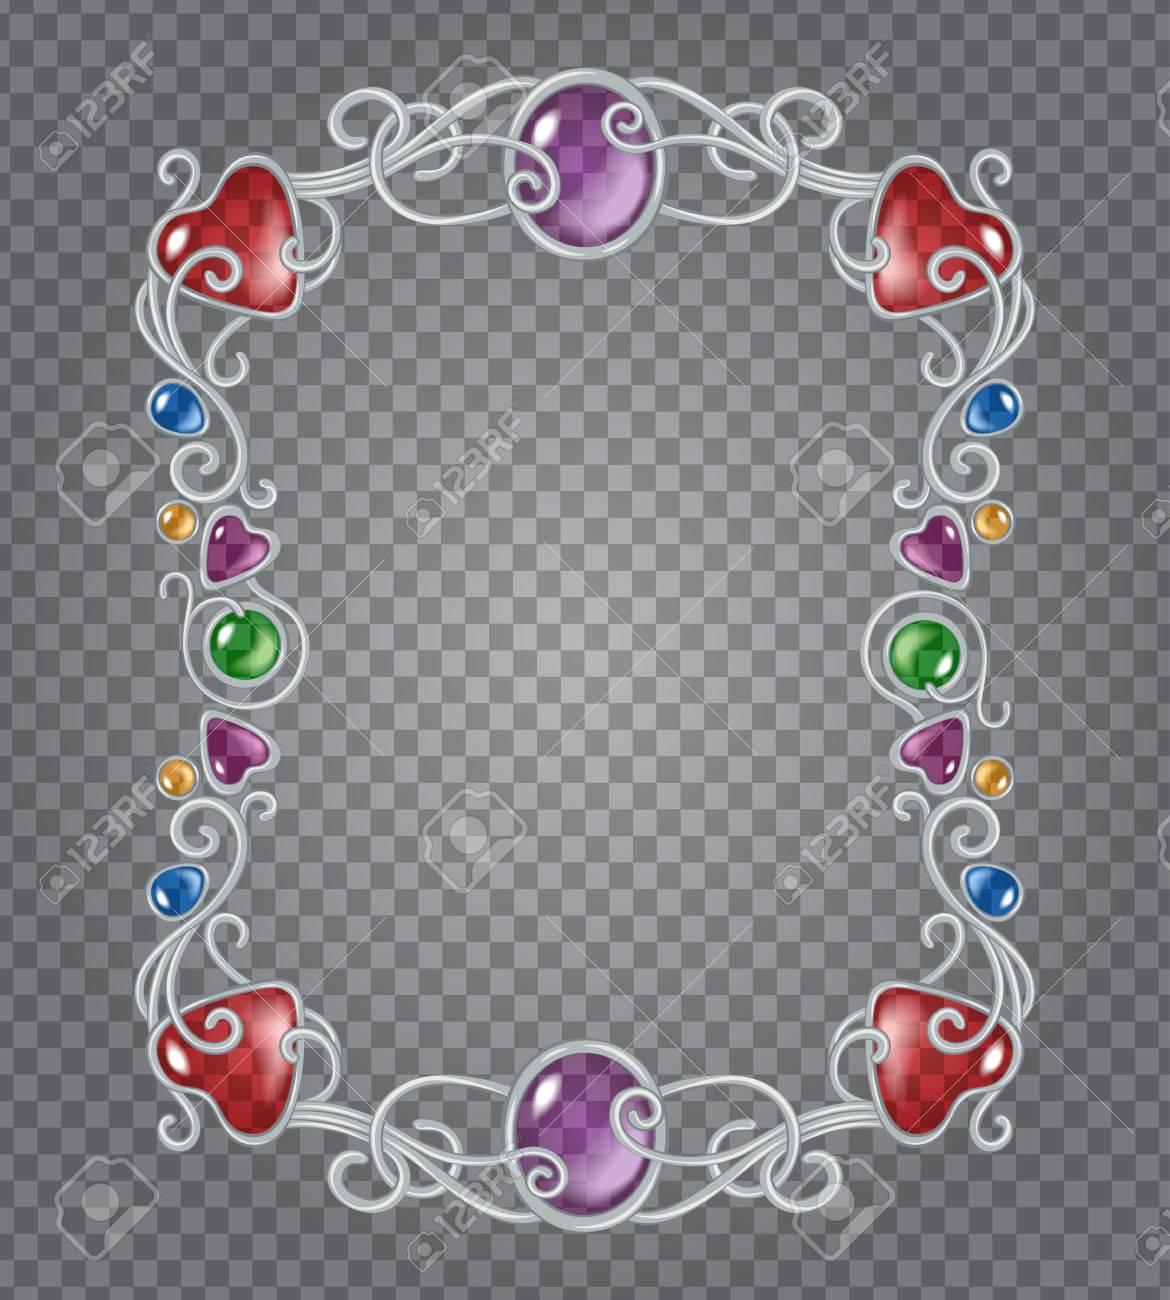 Vector De Cristal Transparente Y Gemas Estructura Metálica Decorativa Sobre Fondo Gris Rejilla Demostrativa Plata Viñeta Fantasía Vertical Con